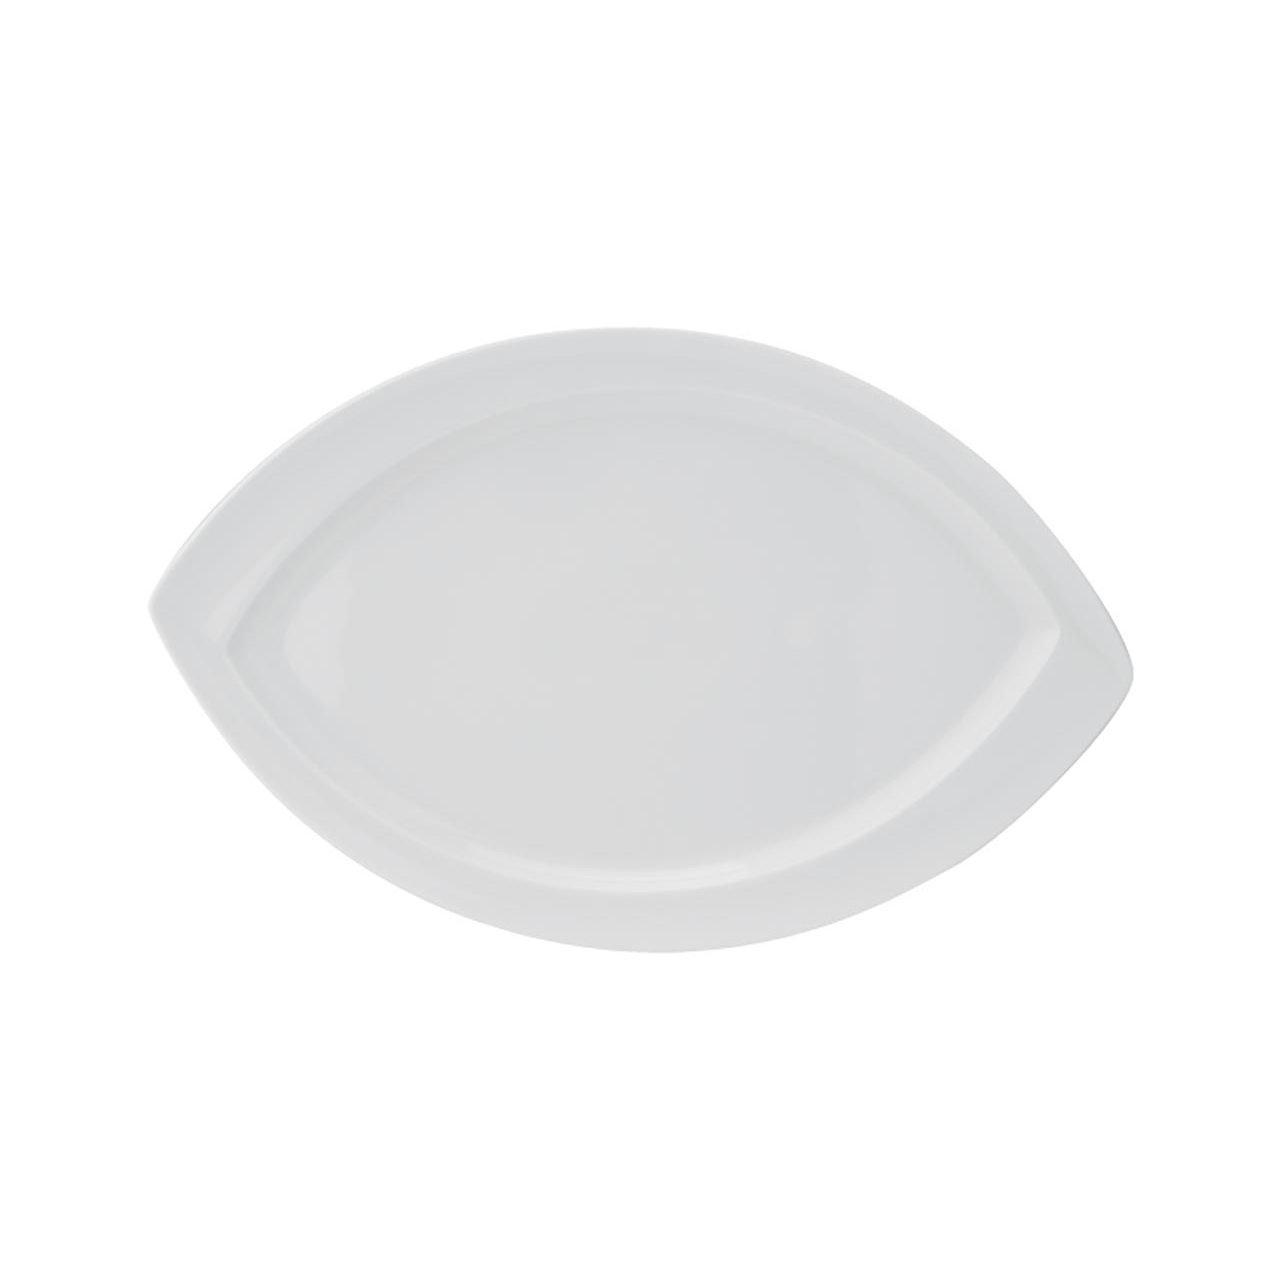 тарелка в форме листа неправильной формы из белого фарфора